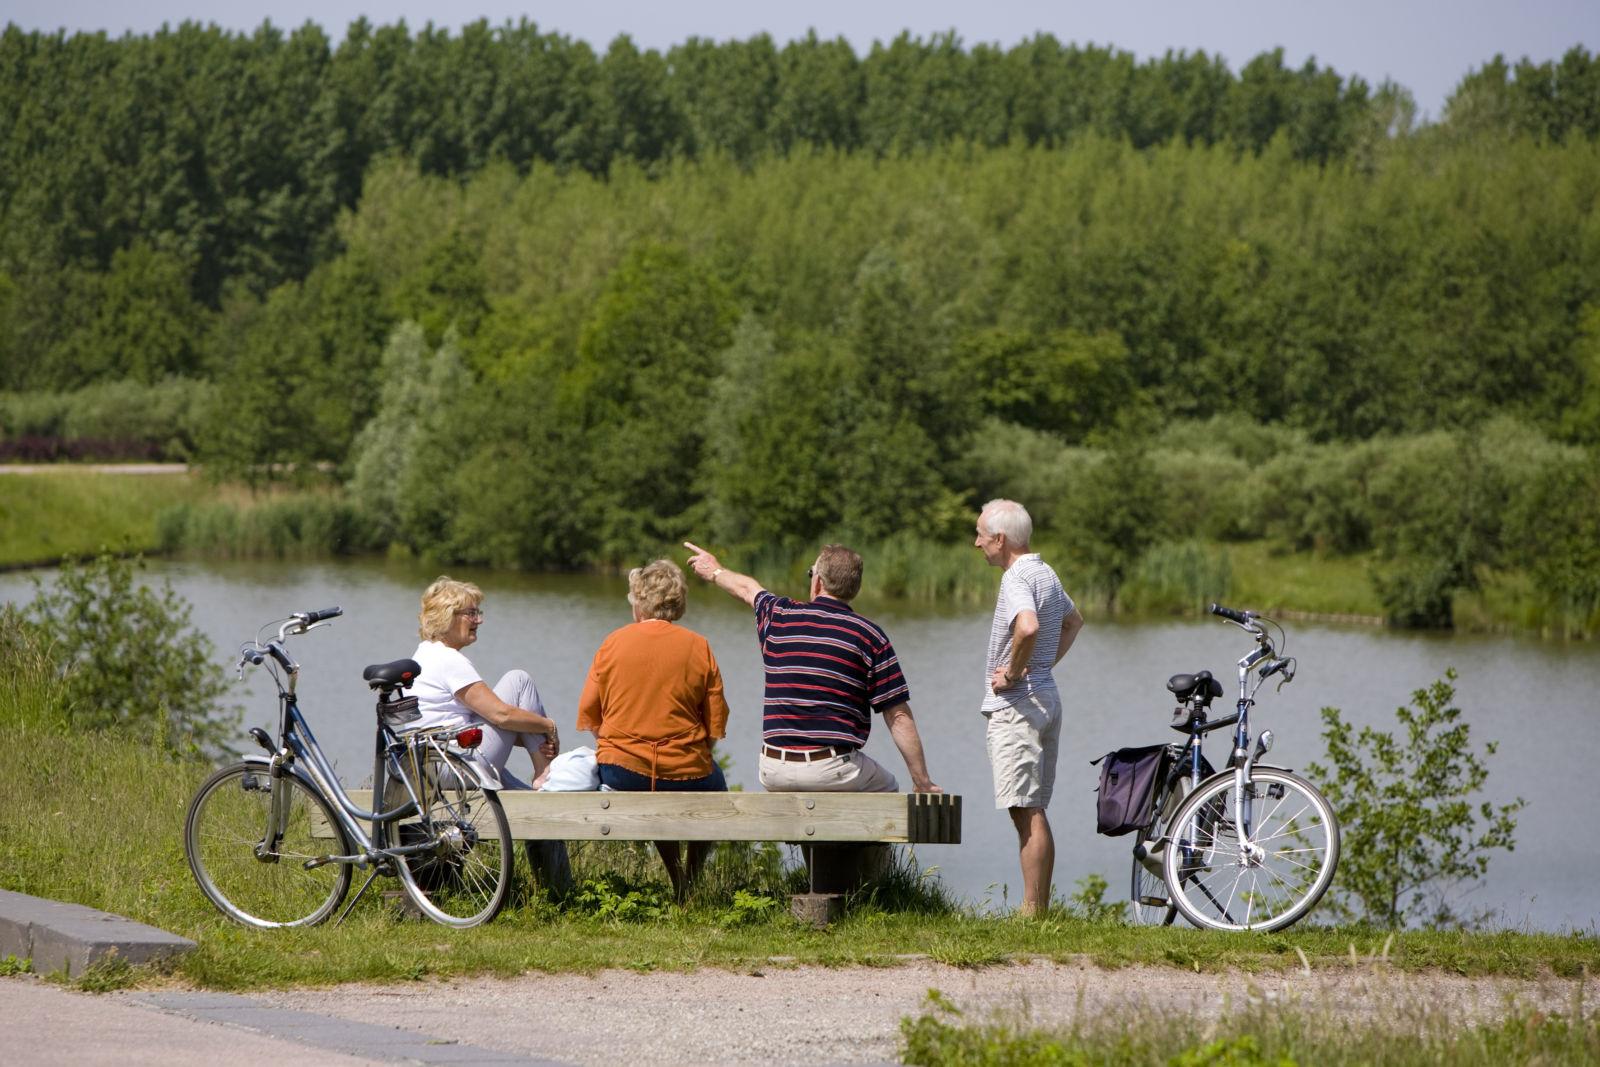 foto Haarlemmermeerse Bos - foto hollandcom